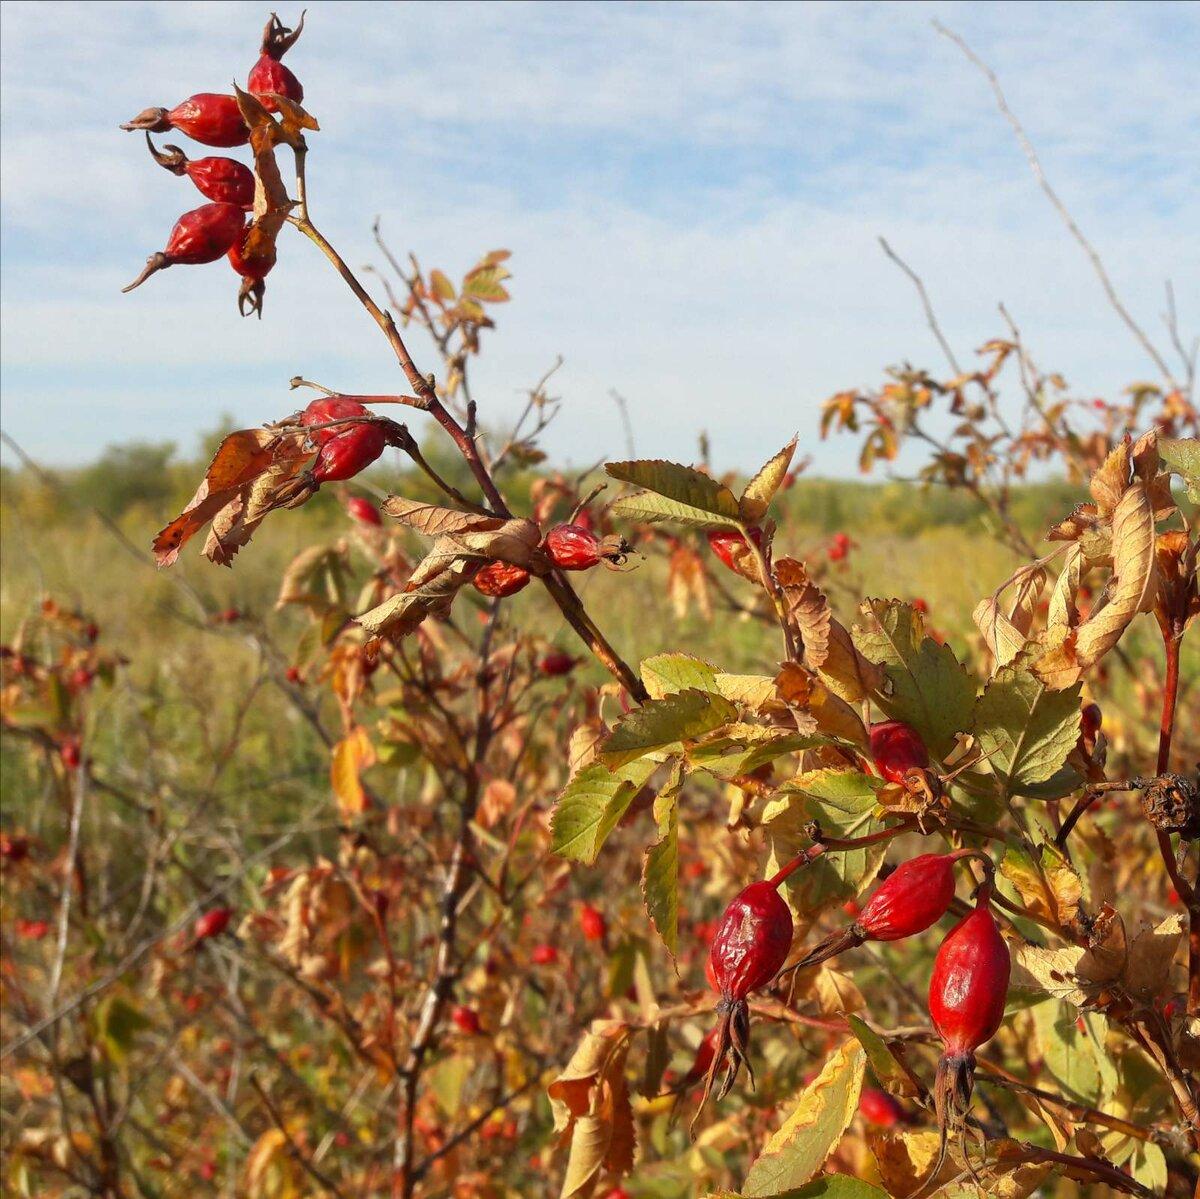 У нас в оренбургской степи растут разные сорта шиповника и все они как лекарственное сырье ценные. Фото Инны Ломанцовой.